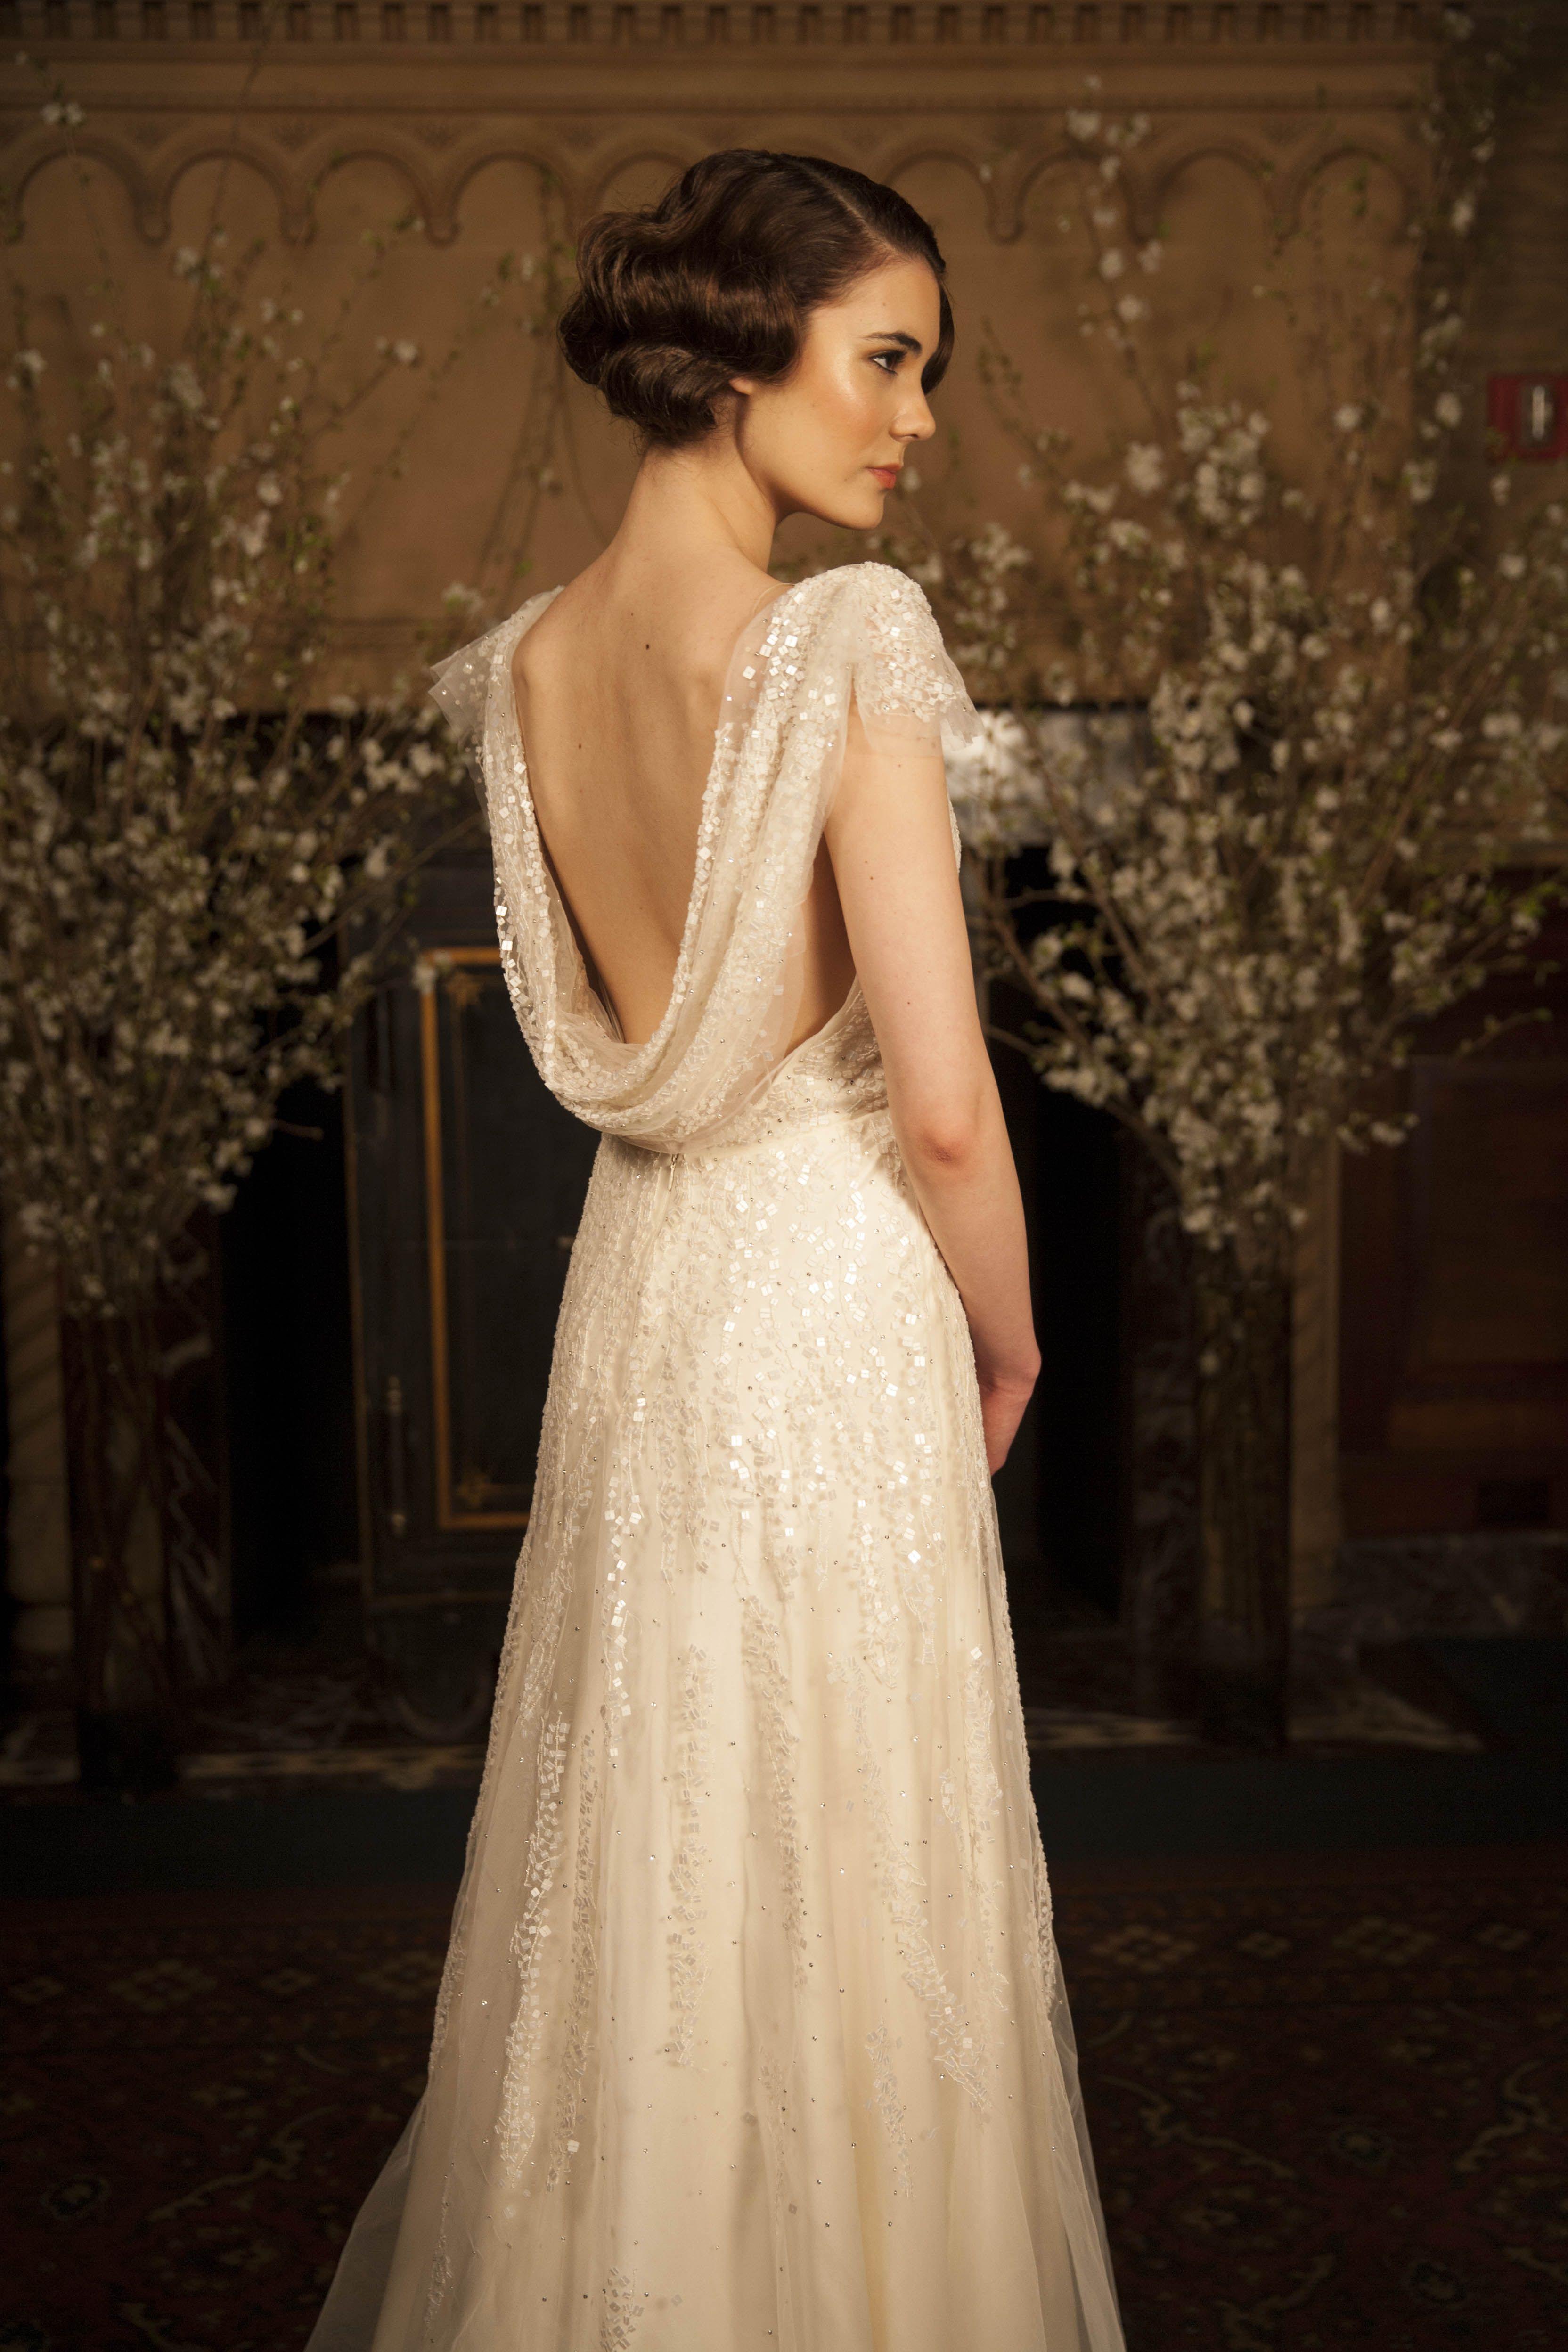 Ein Brautkleid mit Wasserfall-Ausschnitt am Rücken. #Hochzeit #Braut ...